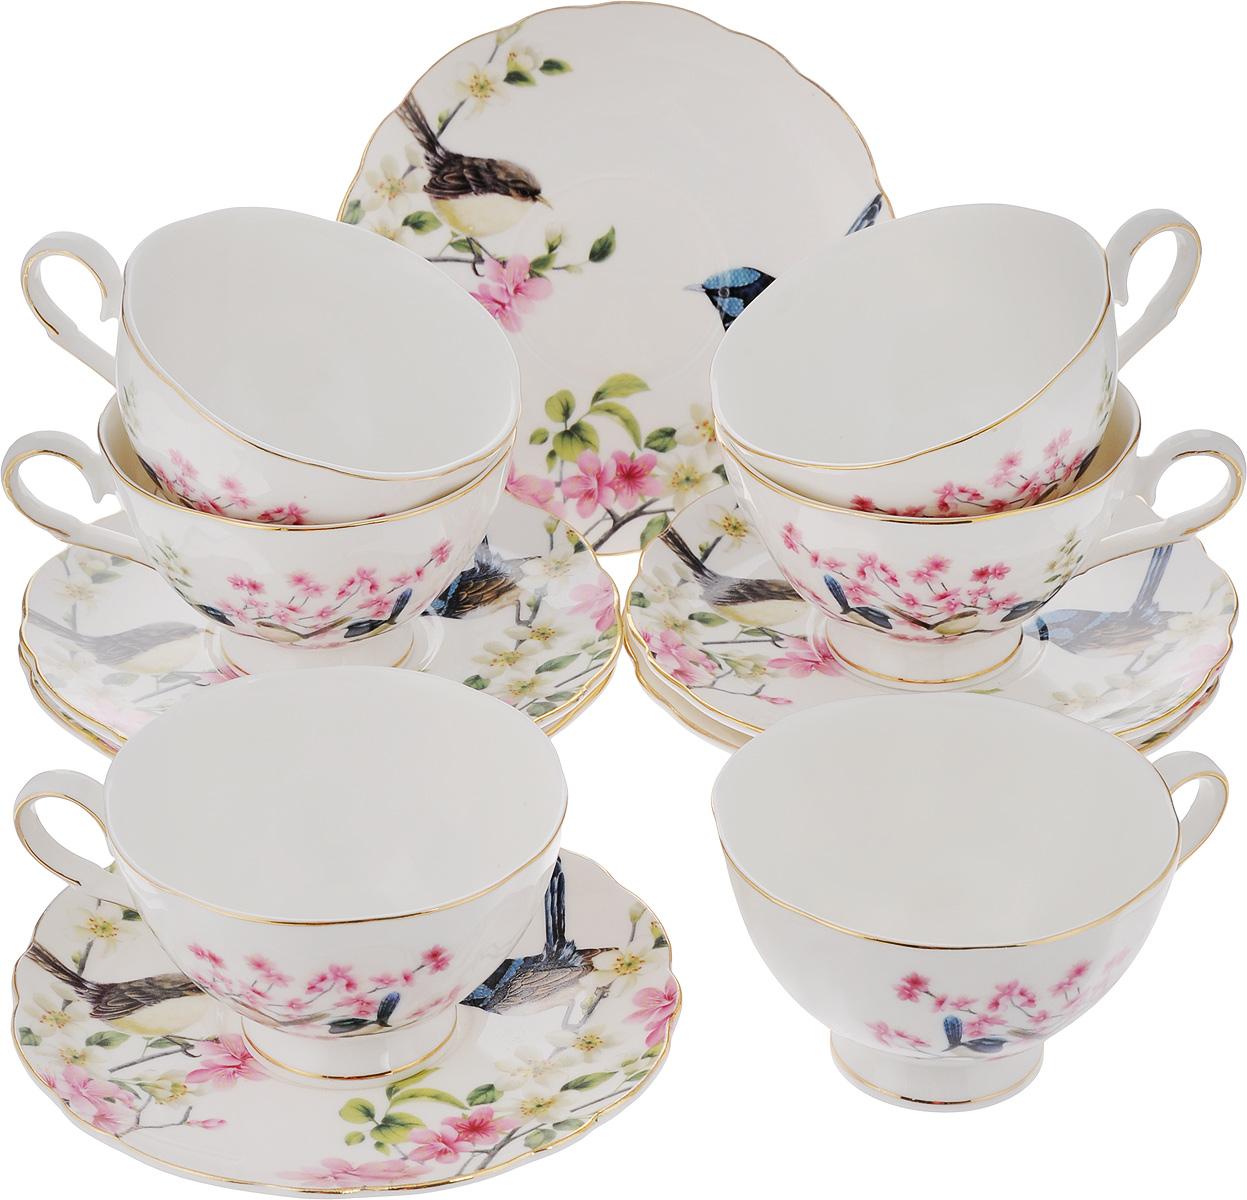 Набор чайный Elan Gallery Райские птички, 12 предметов intex надувной бассейн family